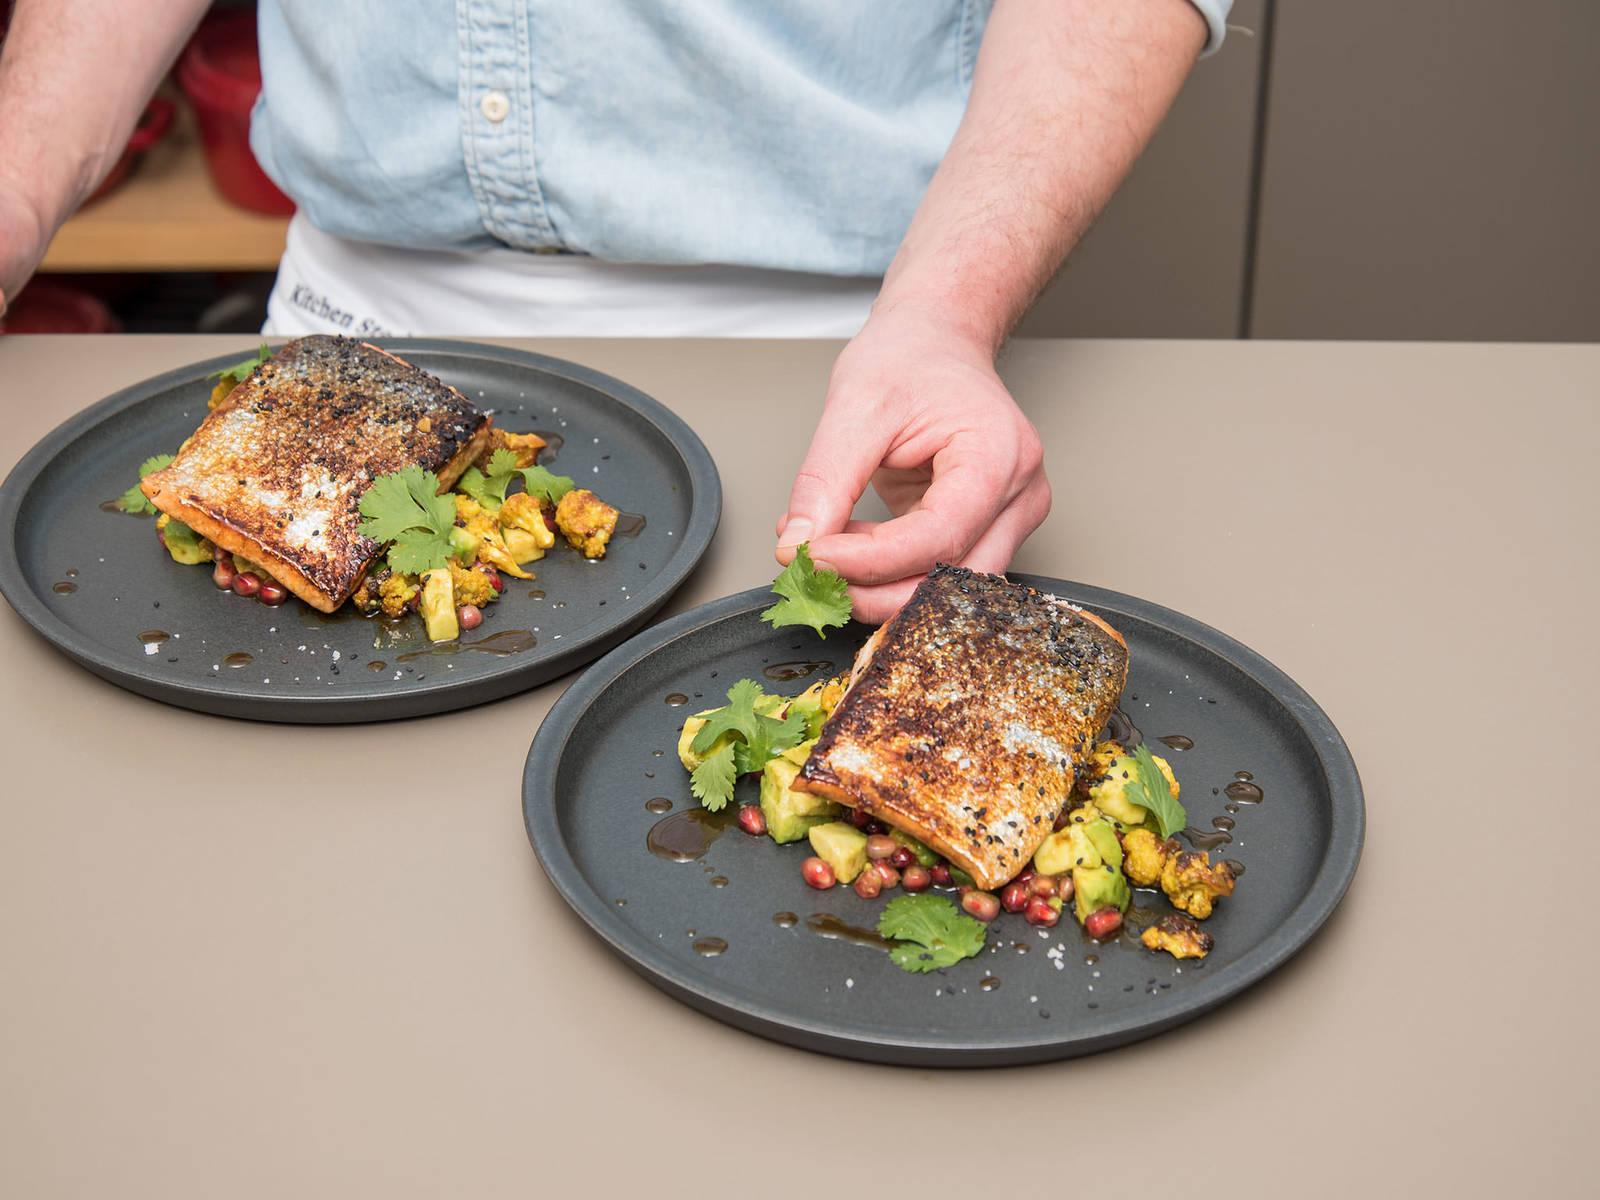 Lachs mit Avocado-Blumenkohlsalat servieren und mit schwarzen Sesamkörnern und Koriander garnieren. Guten Appetit!